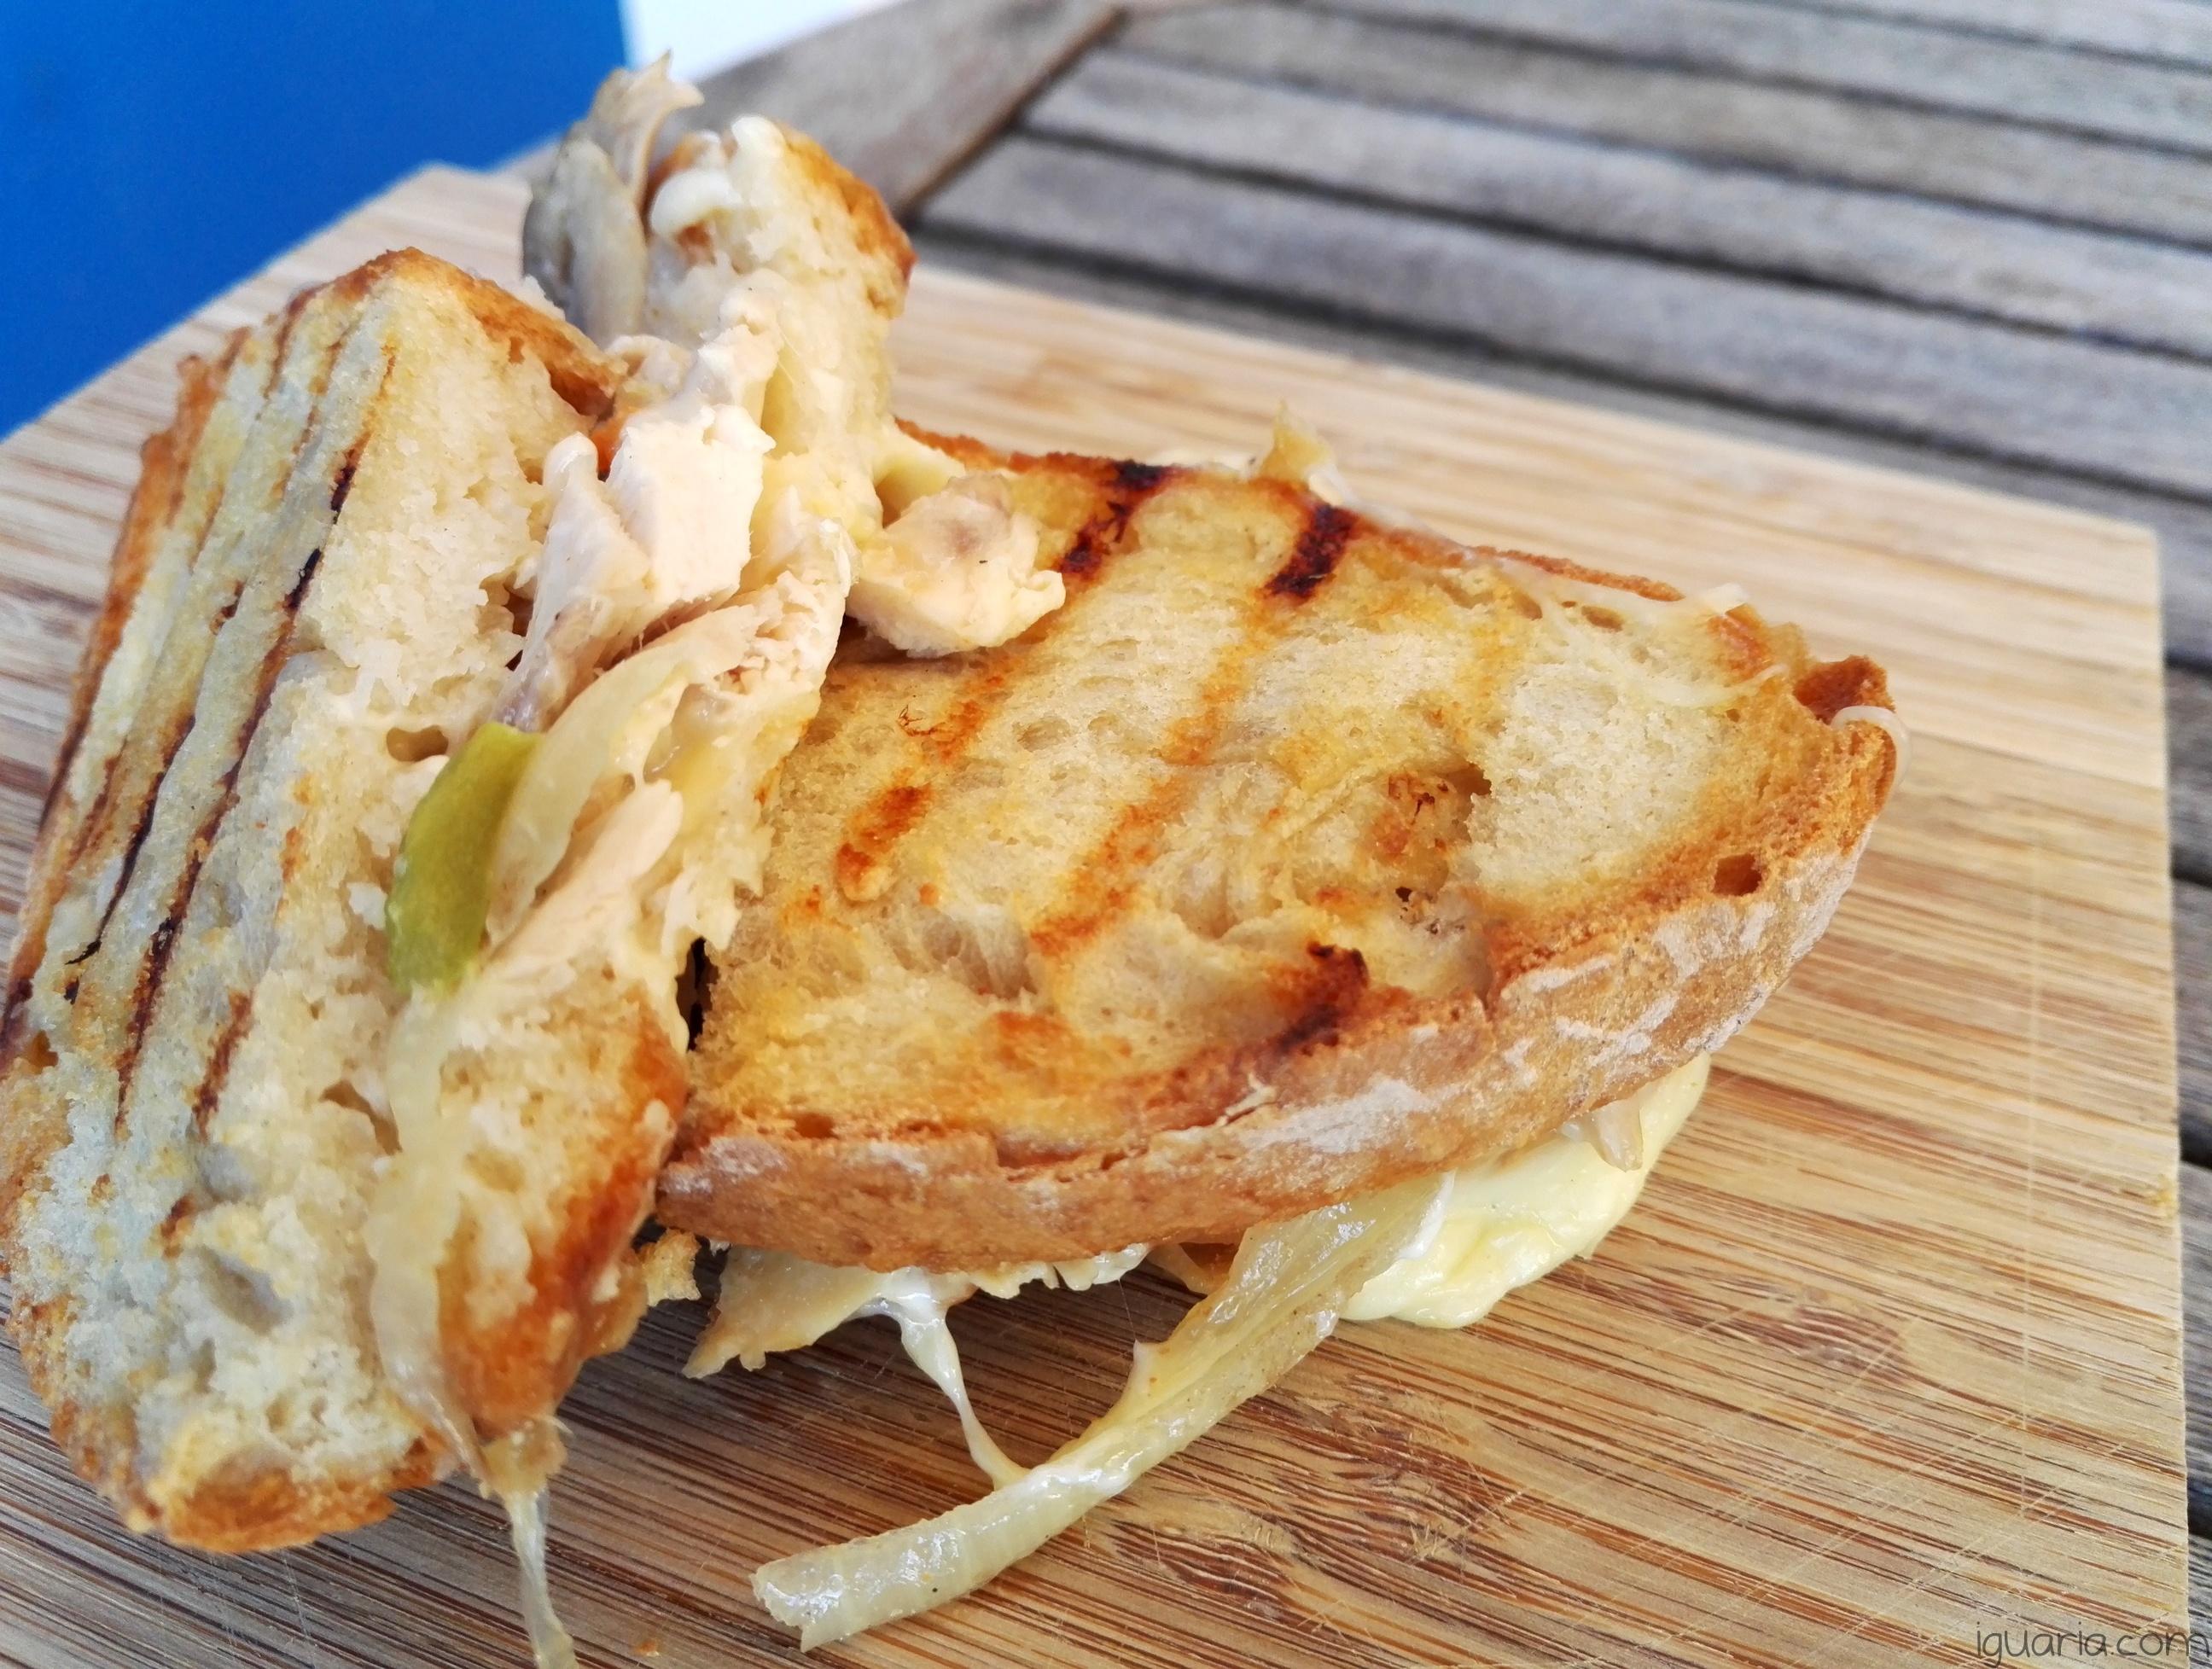 iguaria-tosta-de-queijo-e-frango